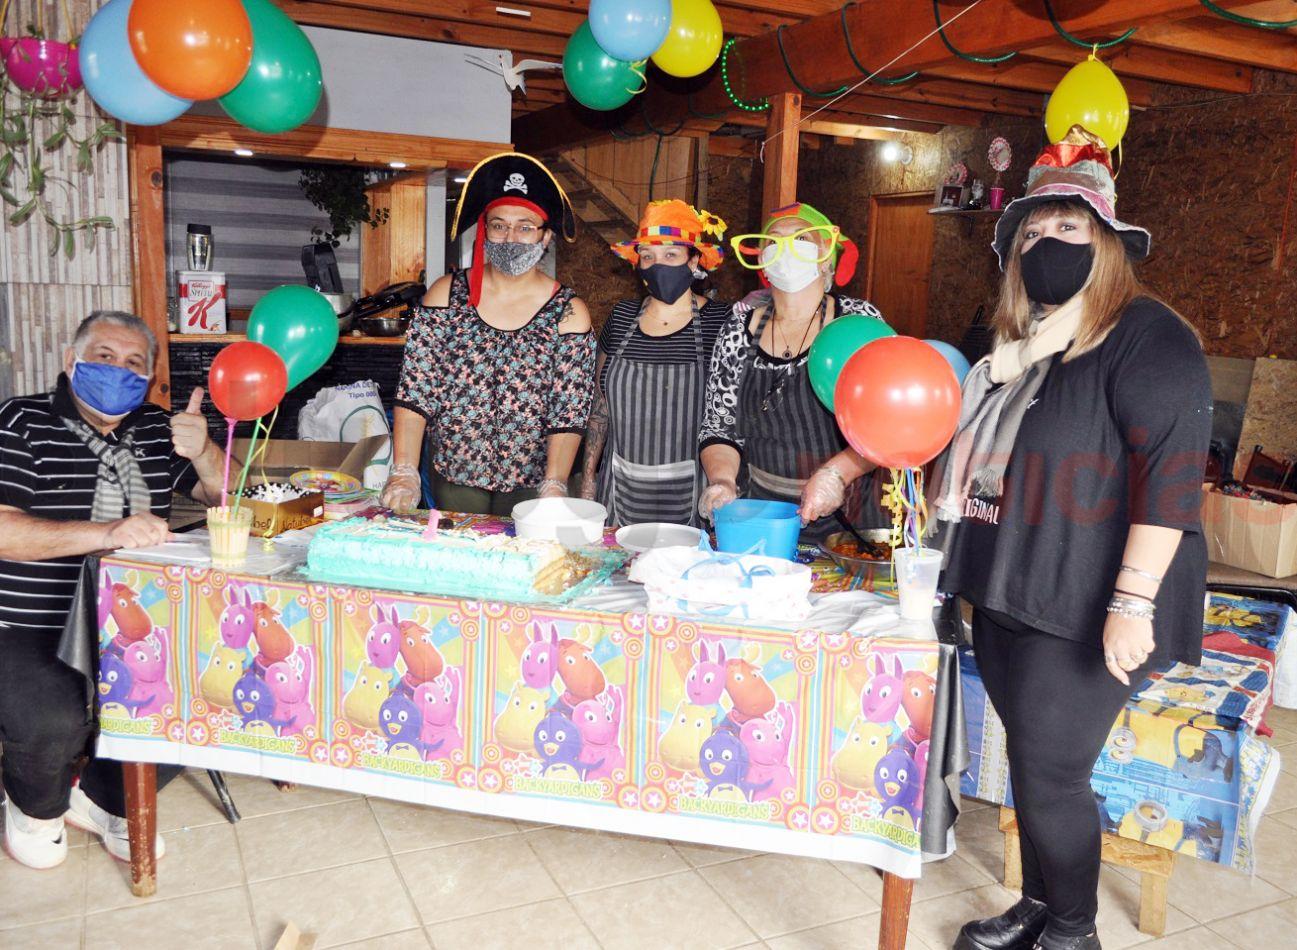 El equipo del Comedor Alietatí, Pies Descalzos, festejó su primer aniversario.